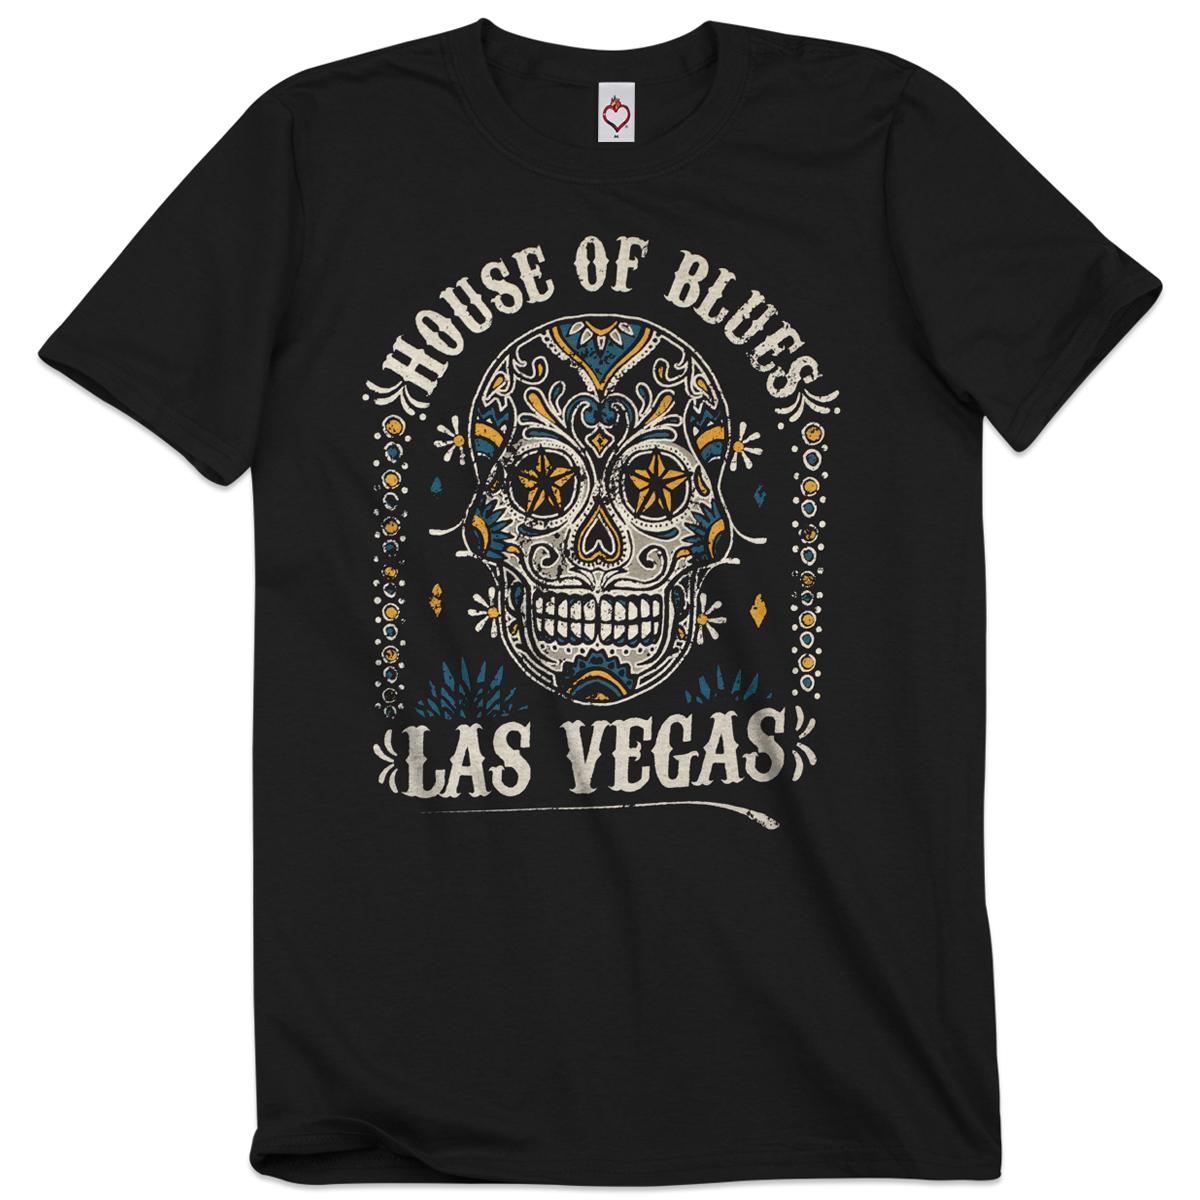 Unisex Sugar Skull Tee - Las Vegas